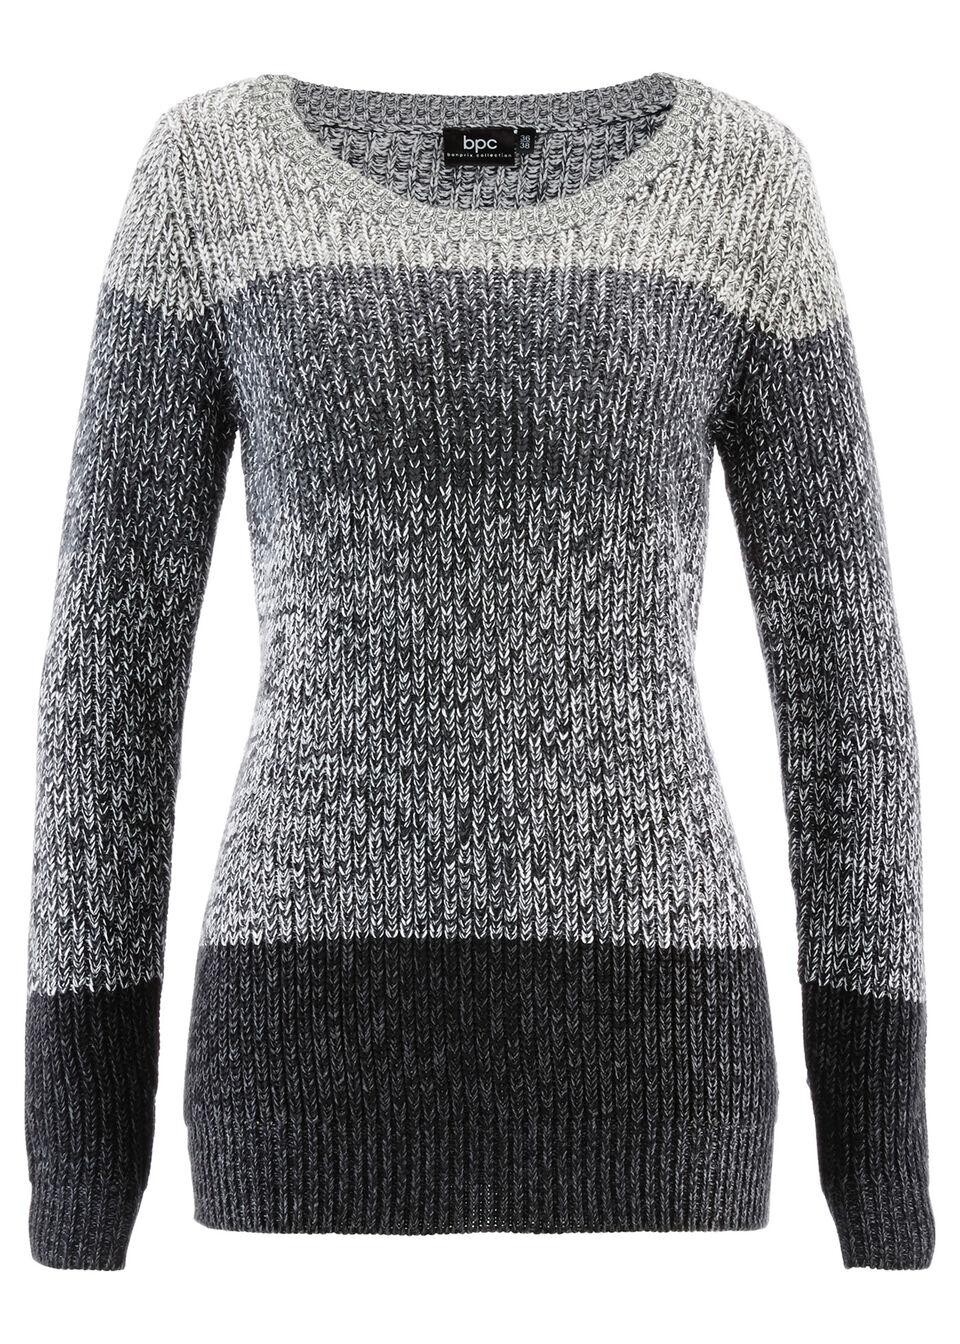 Sweter w szerokie pasy bonprix antracytowy melanż w paski